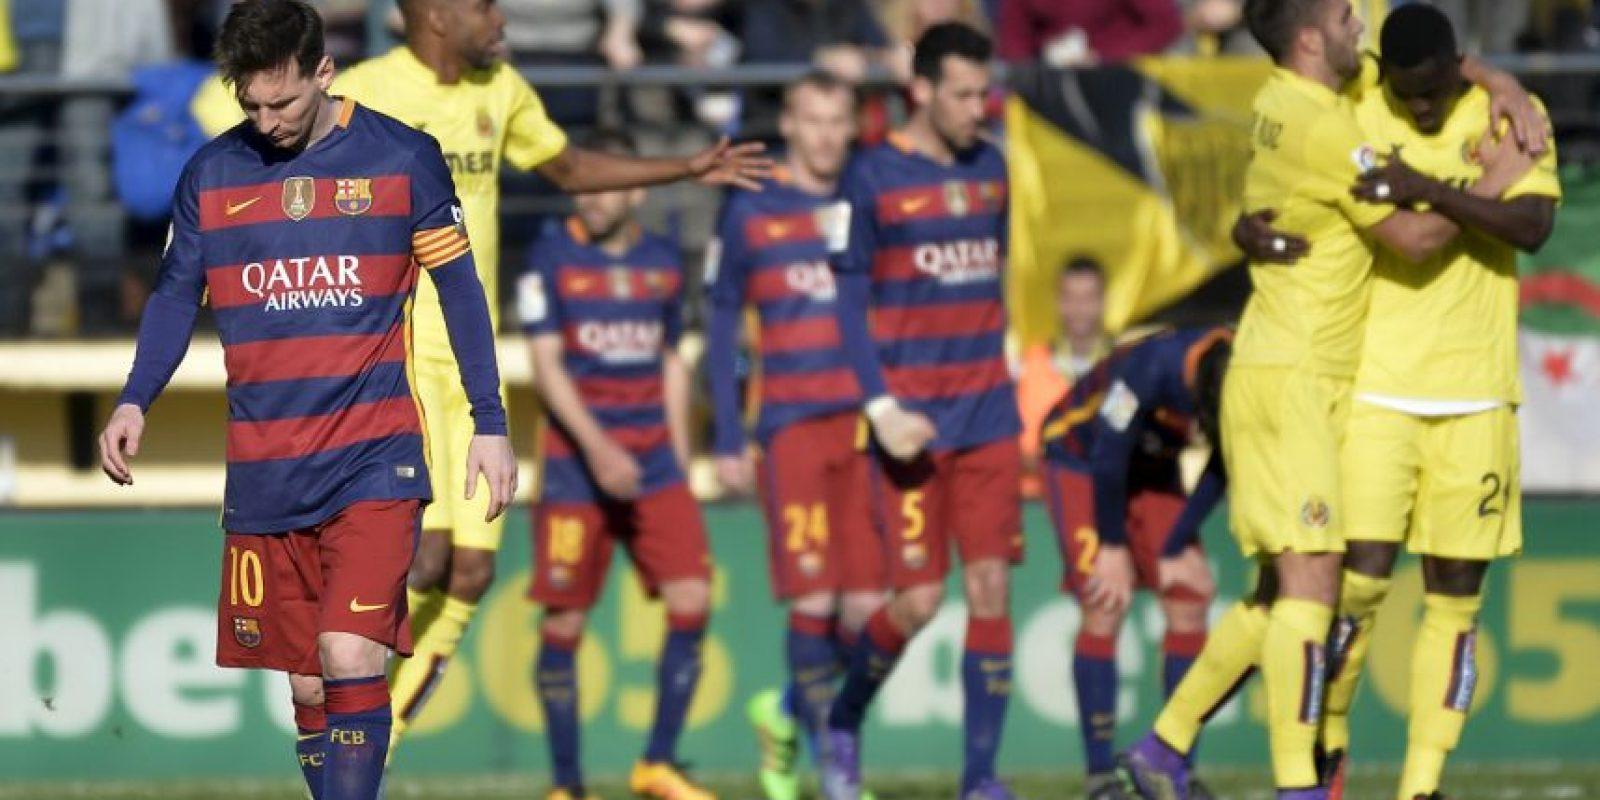 El partido terminó igualado 2-2 Foto:AFP. Imagen Por: